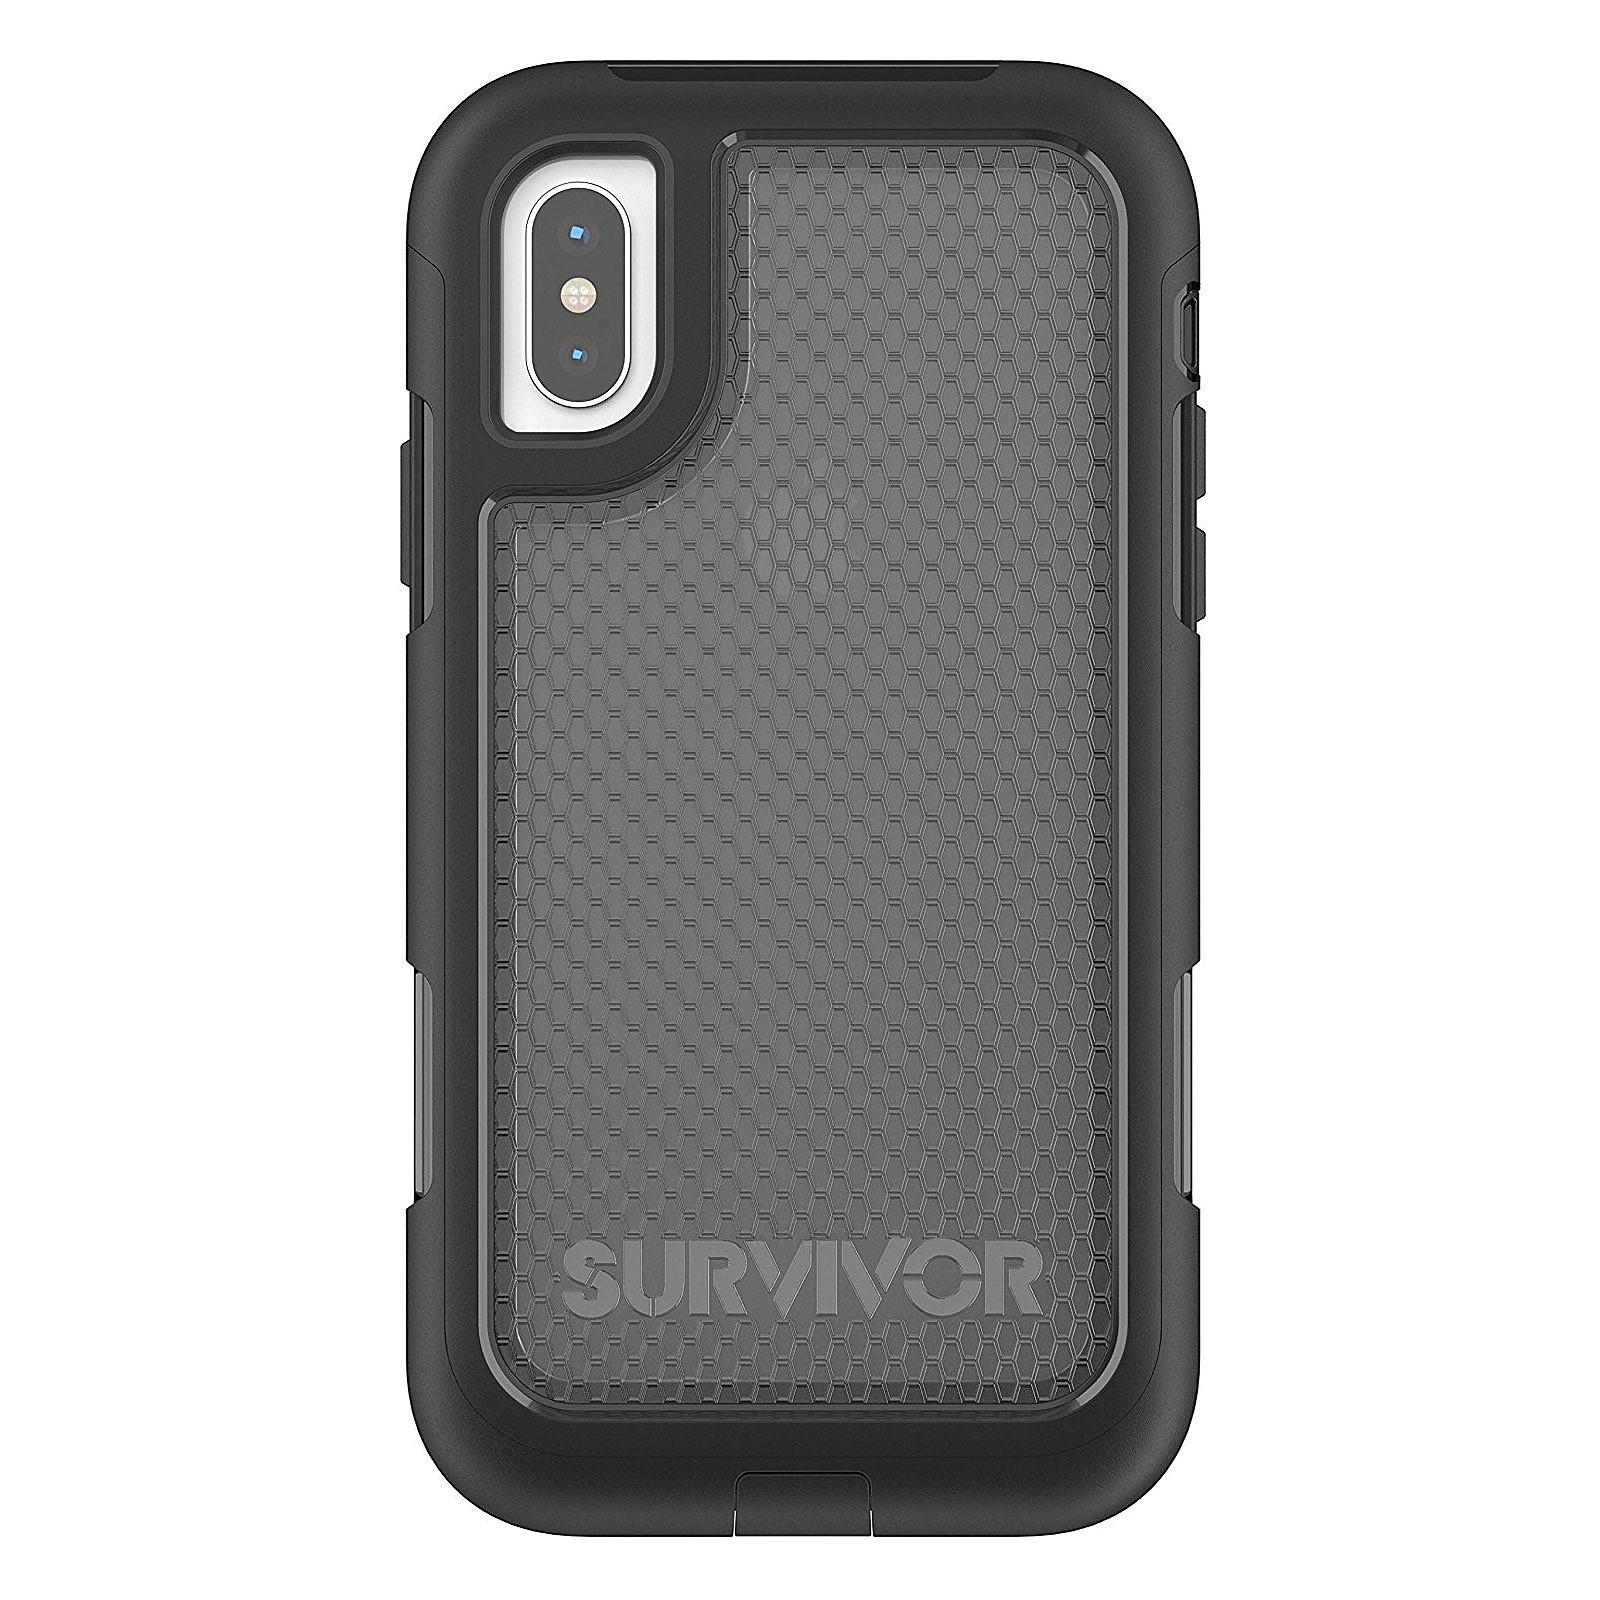 coque iphone xr survivor griffin